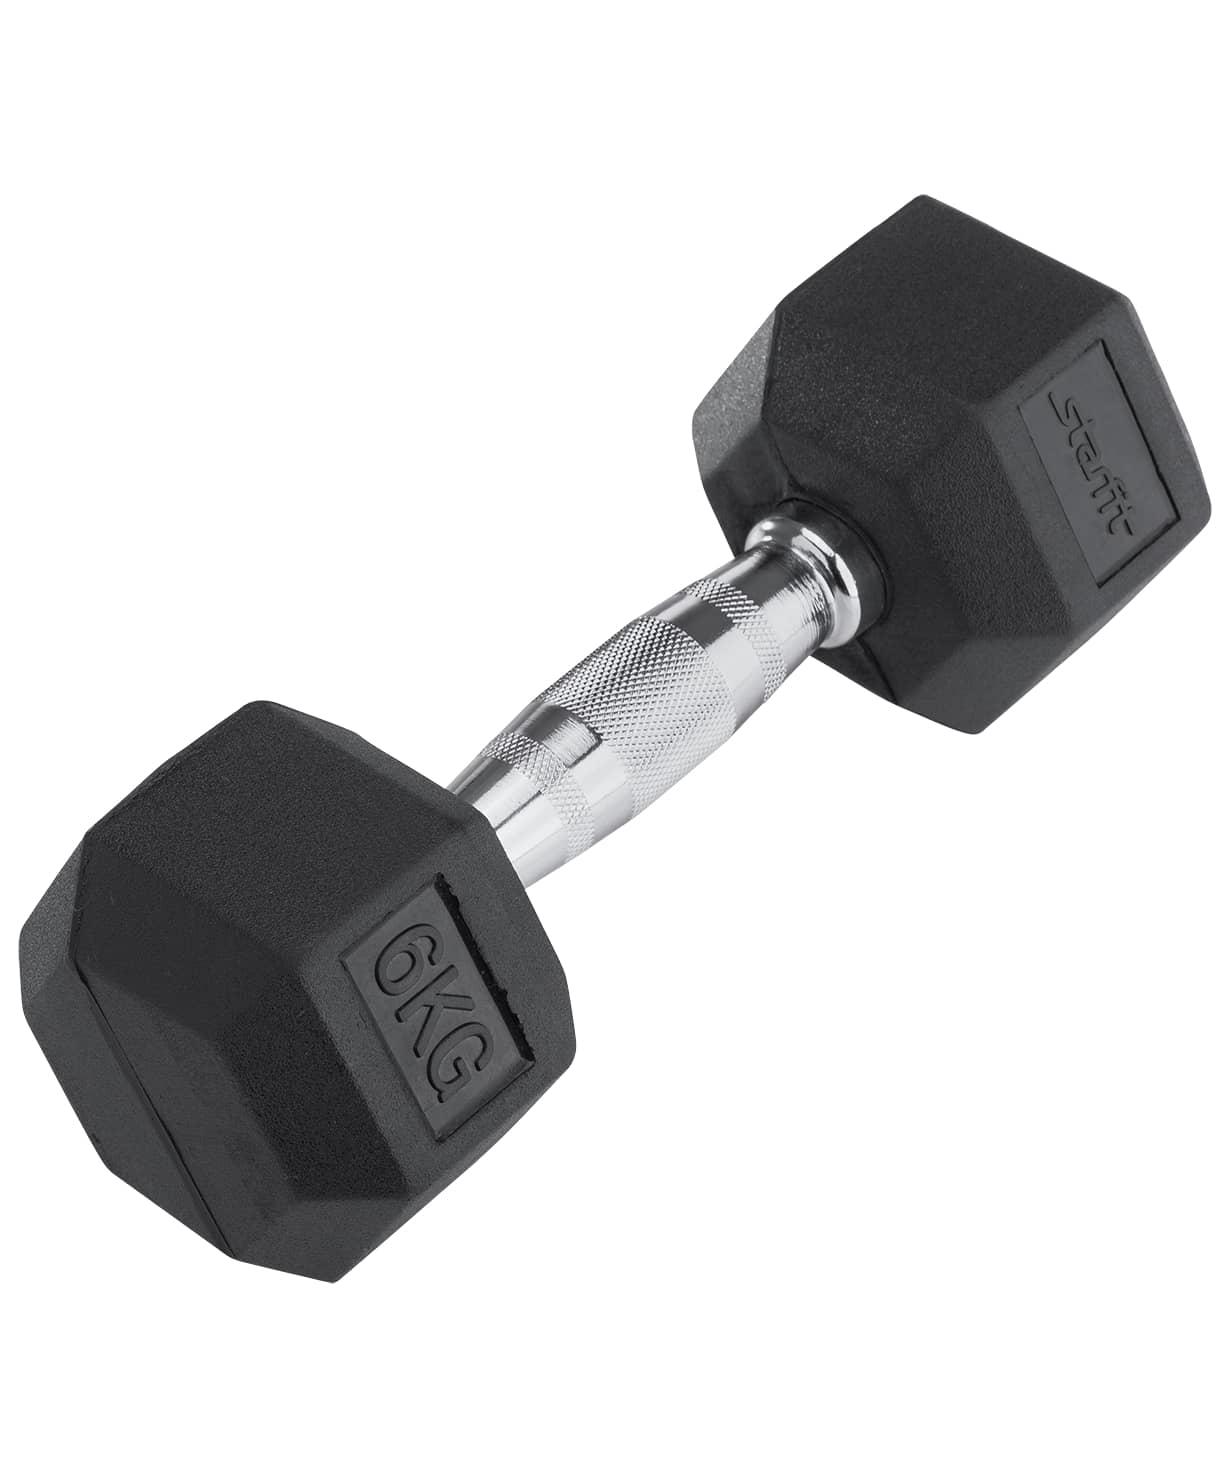 Гантель обрезиненная DB-301 6 кг, черная